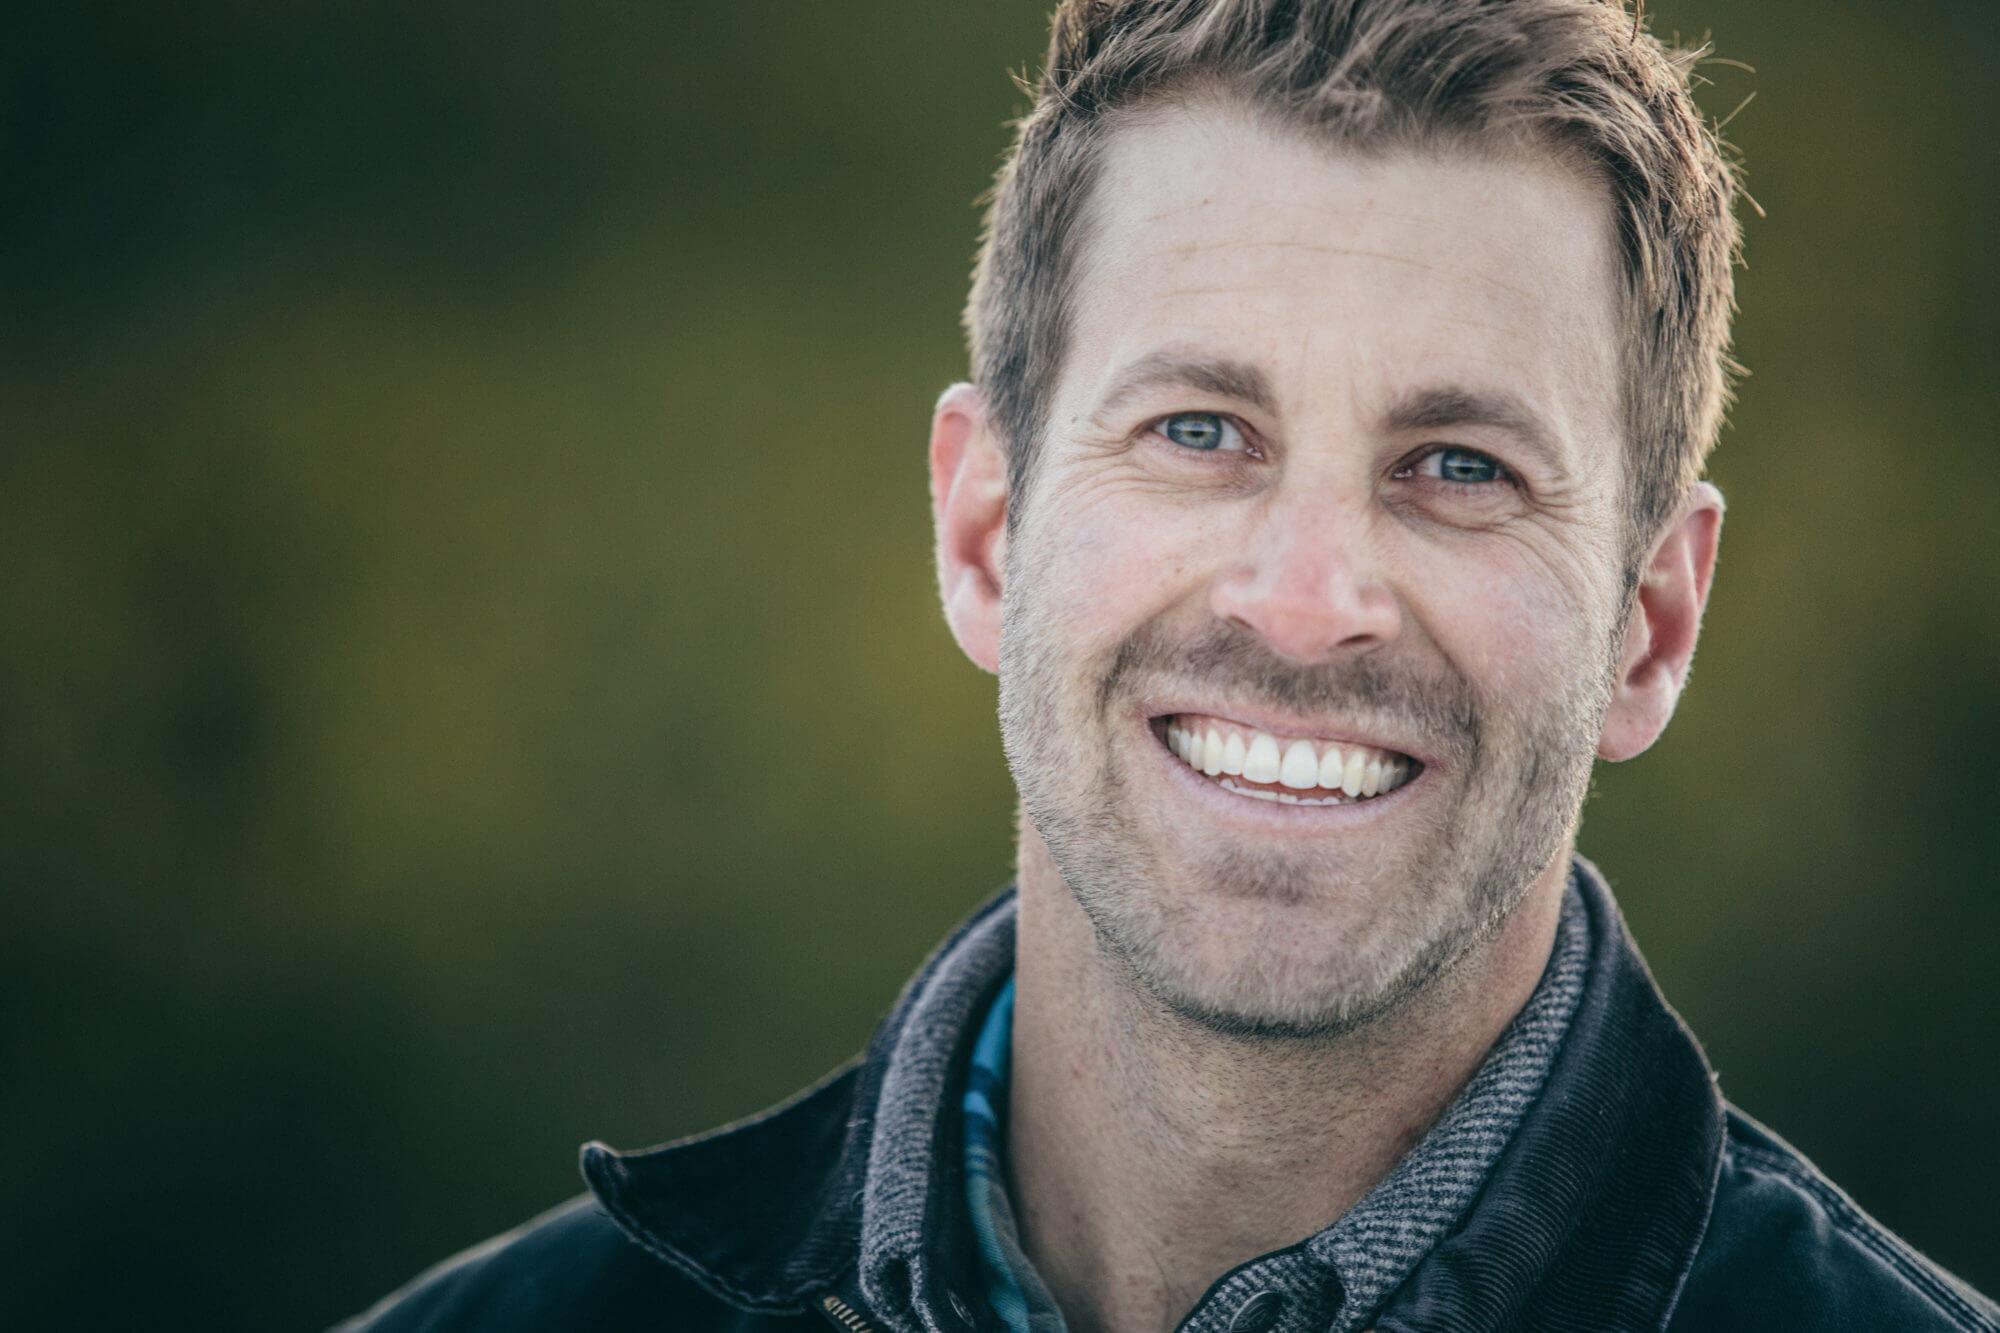 Brad Ludden